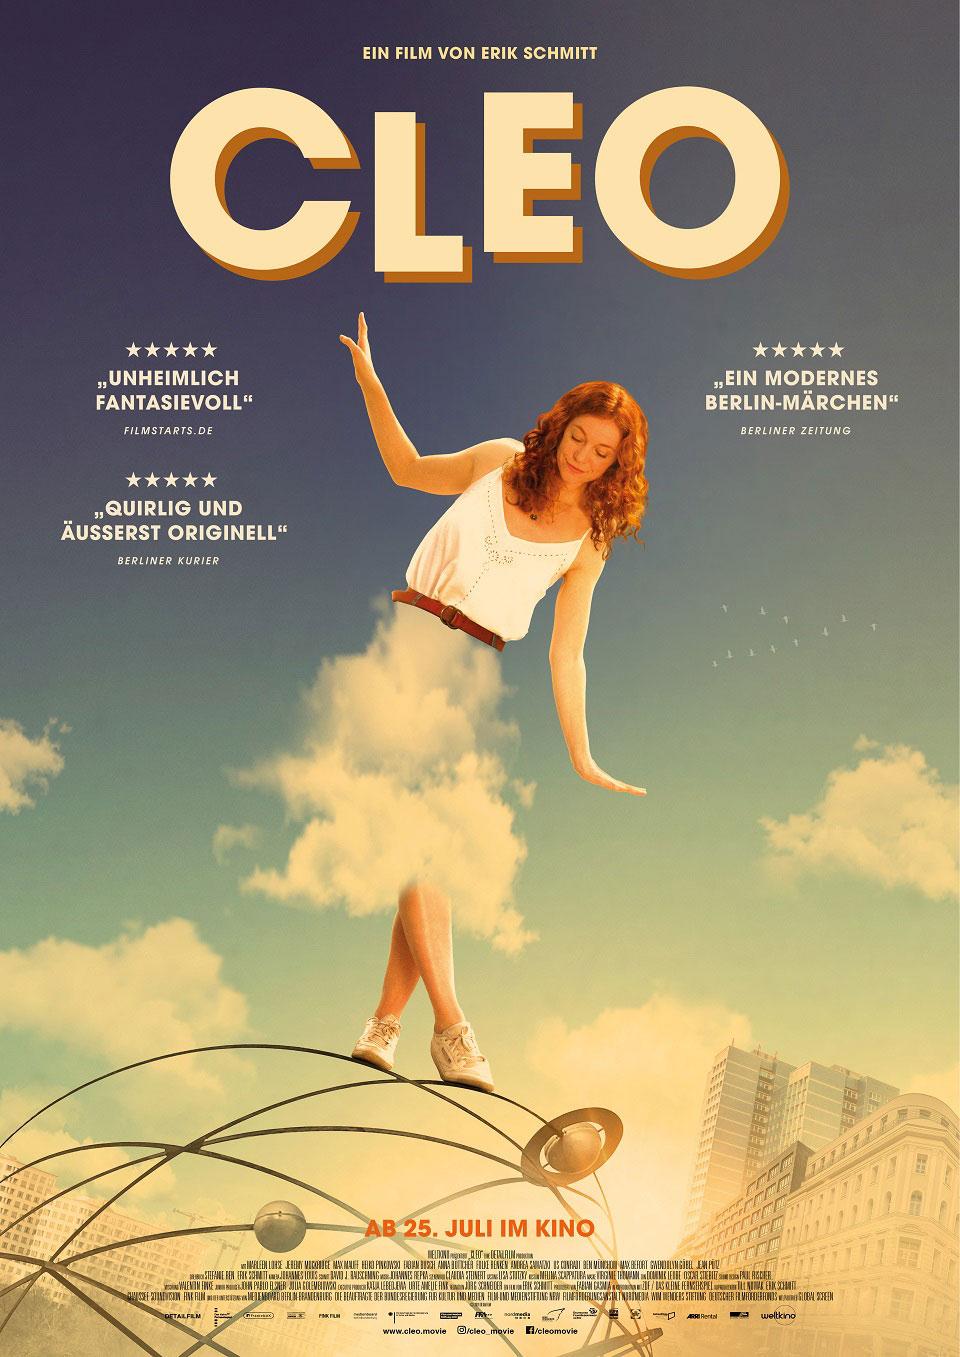 Filmplakat Cleo von Erik Schmitt